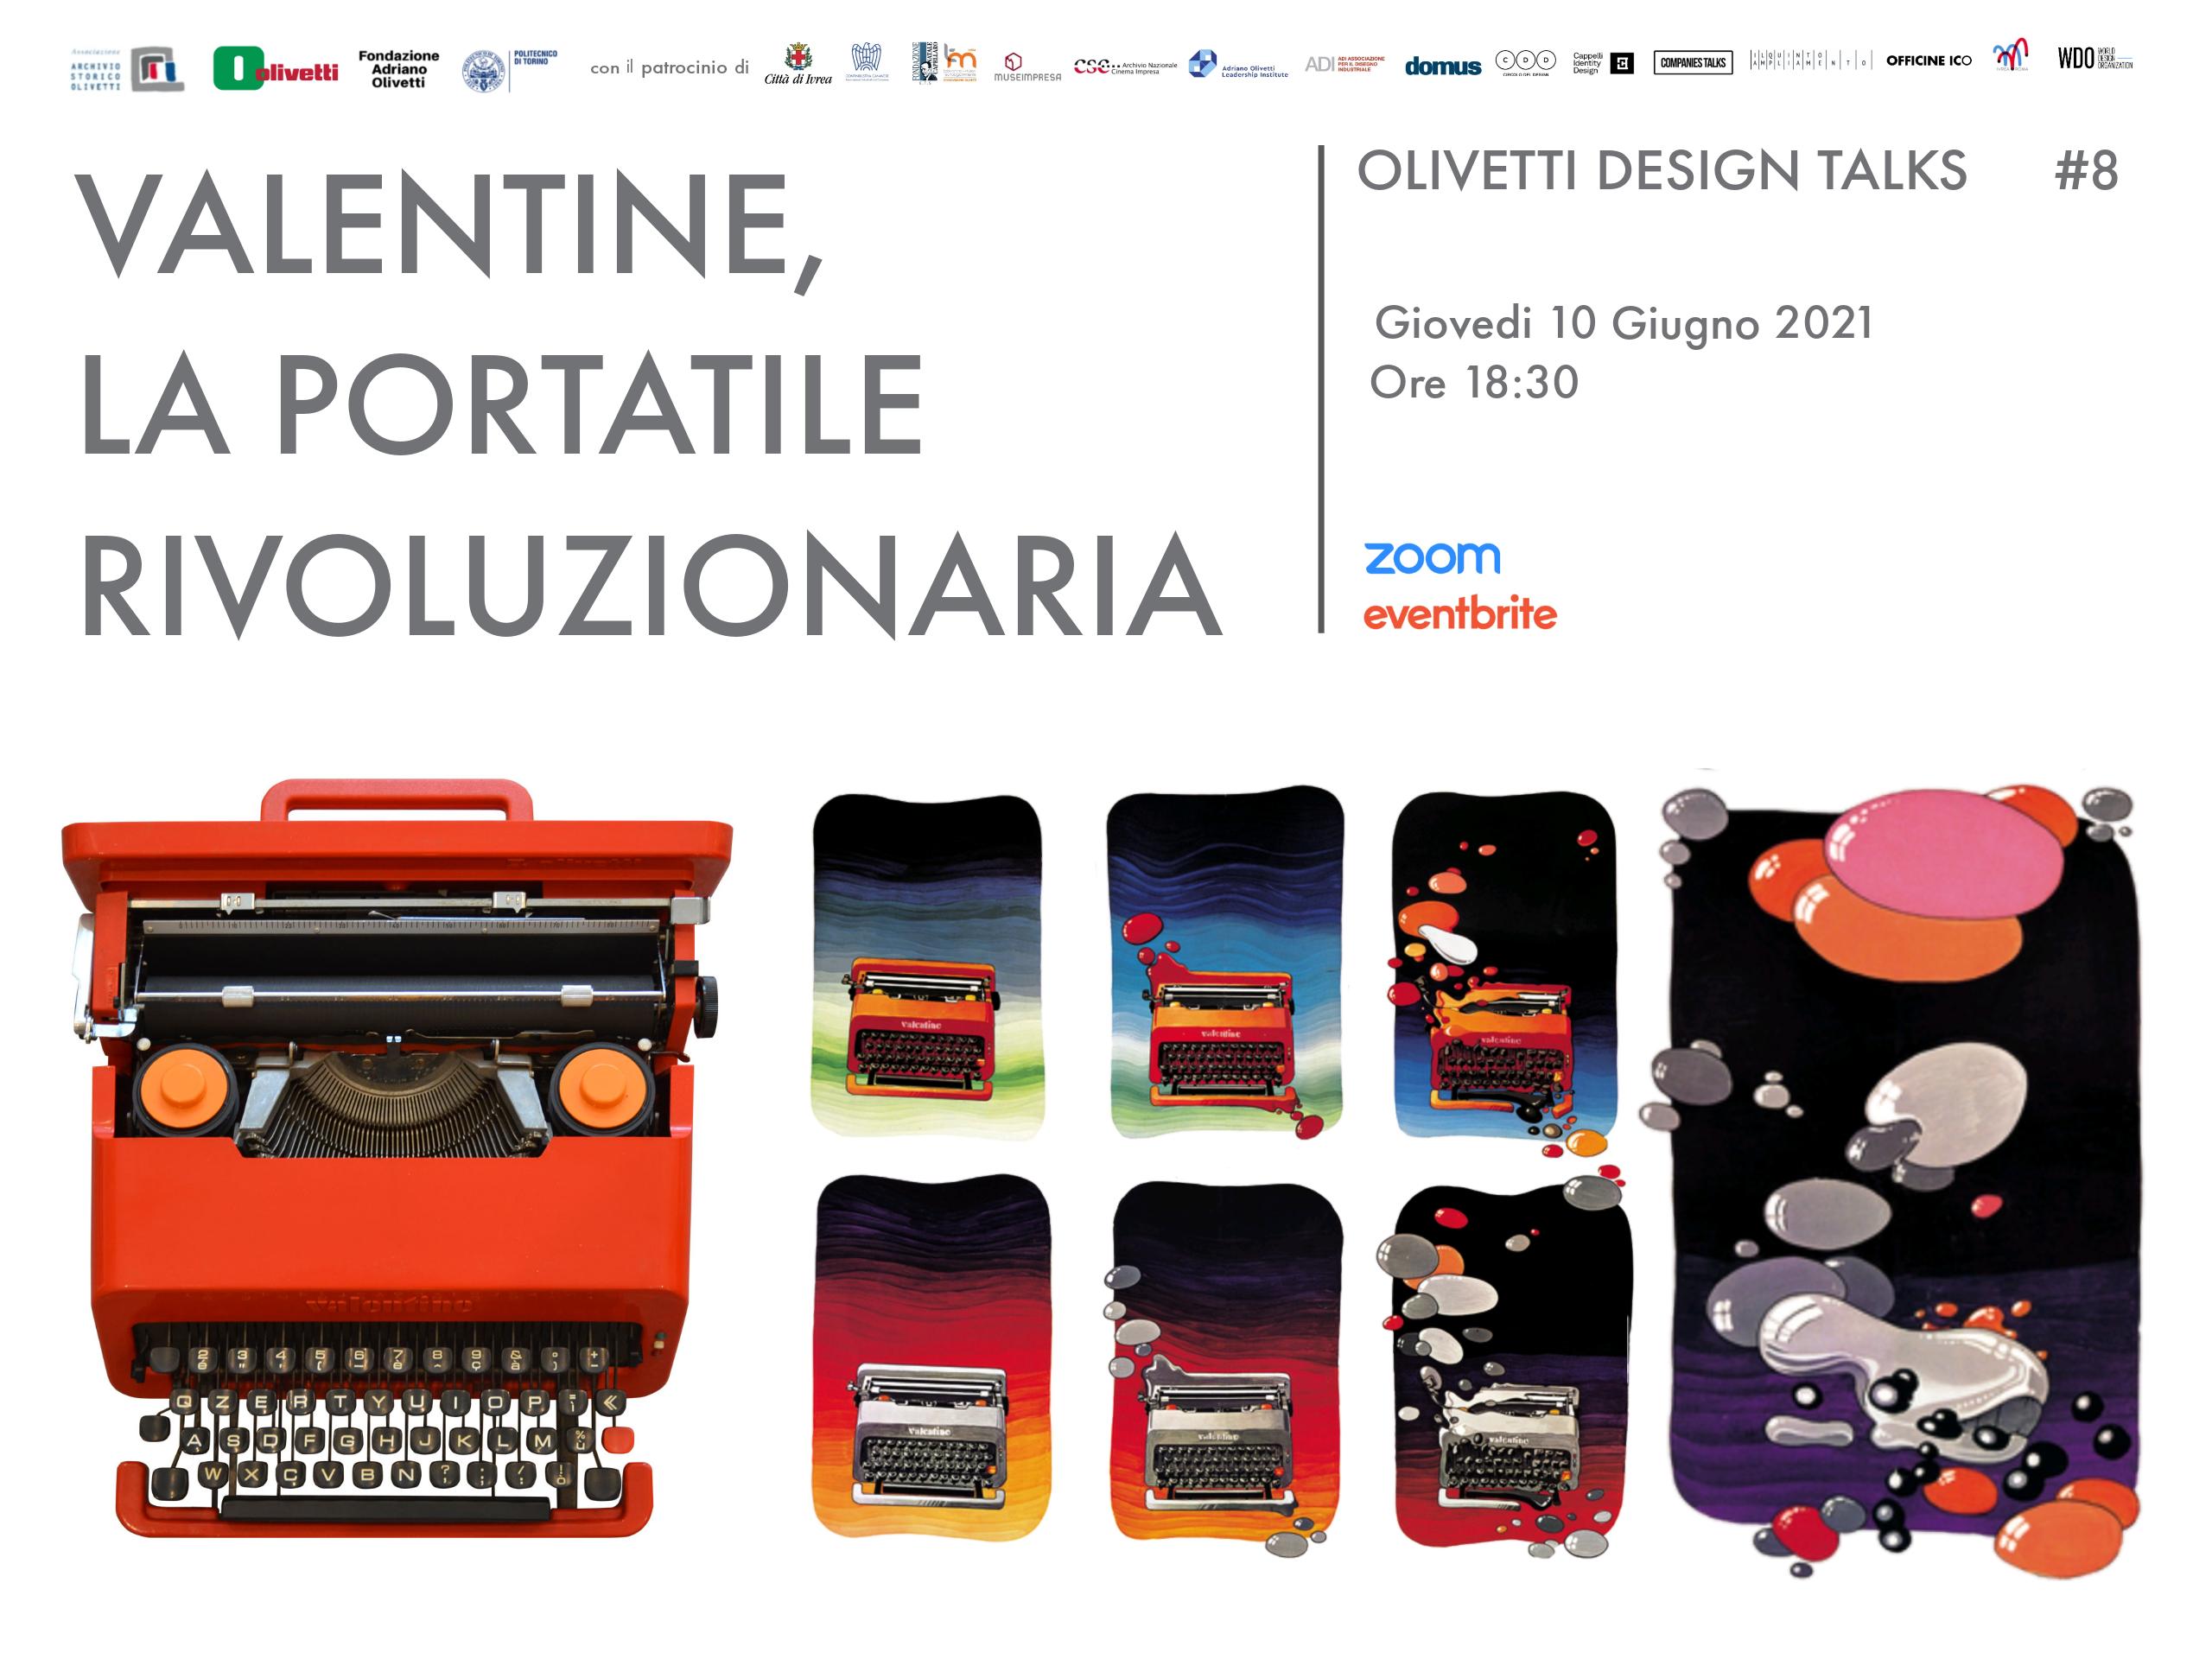 Valentine, la portatile rivoluzionaria